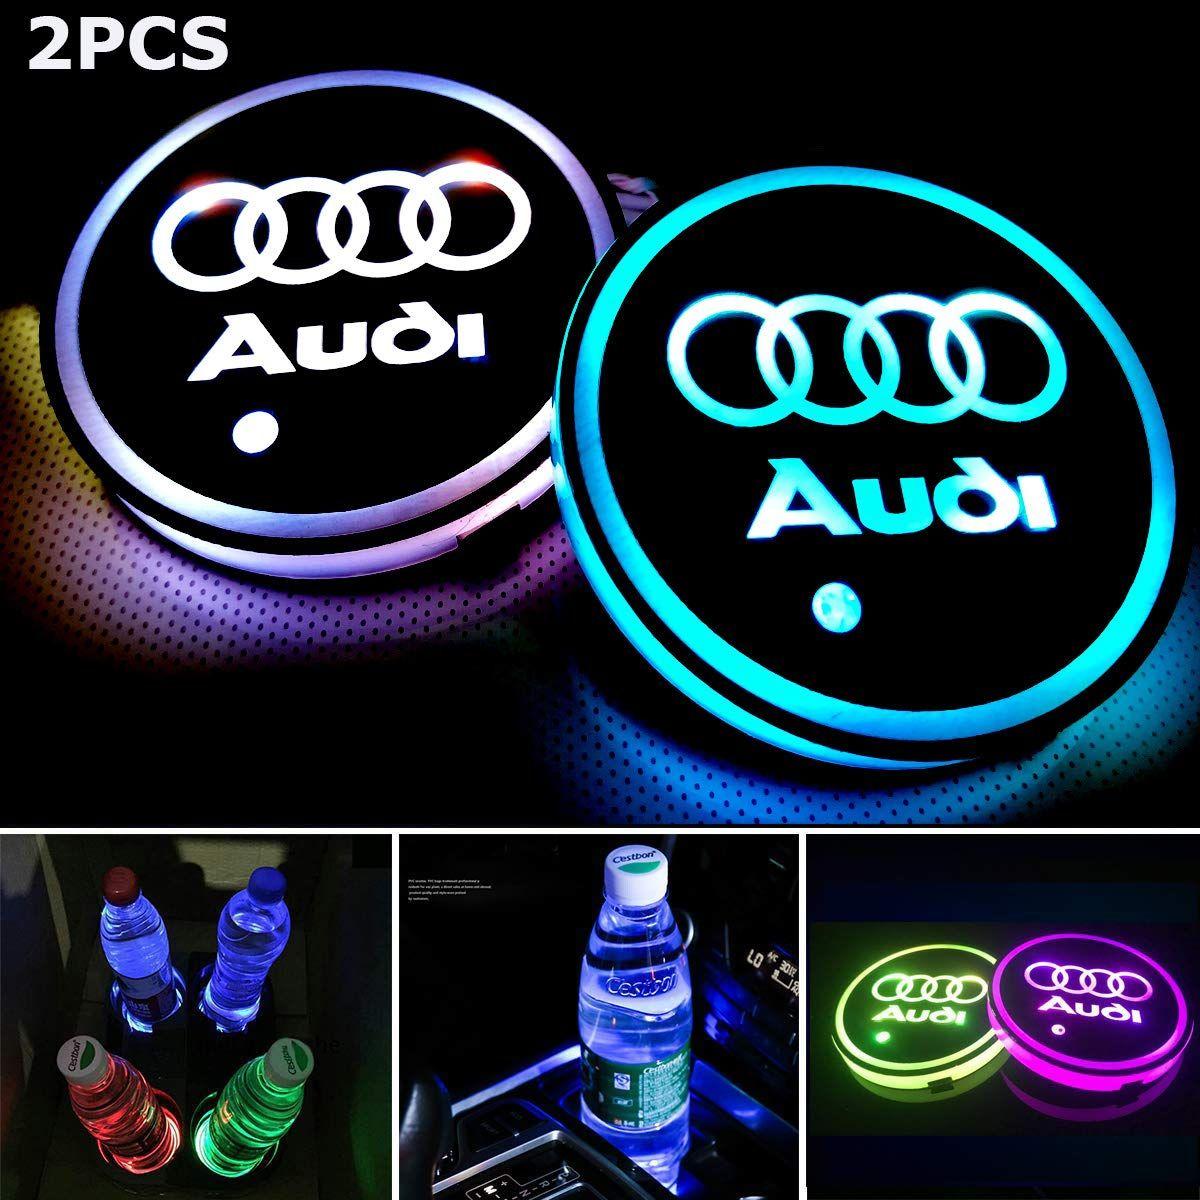 아우디 BMW AMG 테슬라 JEEP CHEVROLET 포드 액세서리에 대한 USB 충전식 실내 장식 라이트와 2PCS LED 컵 홀더 매트 패드 코스터